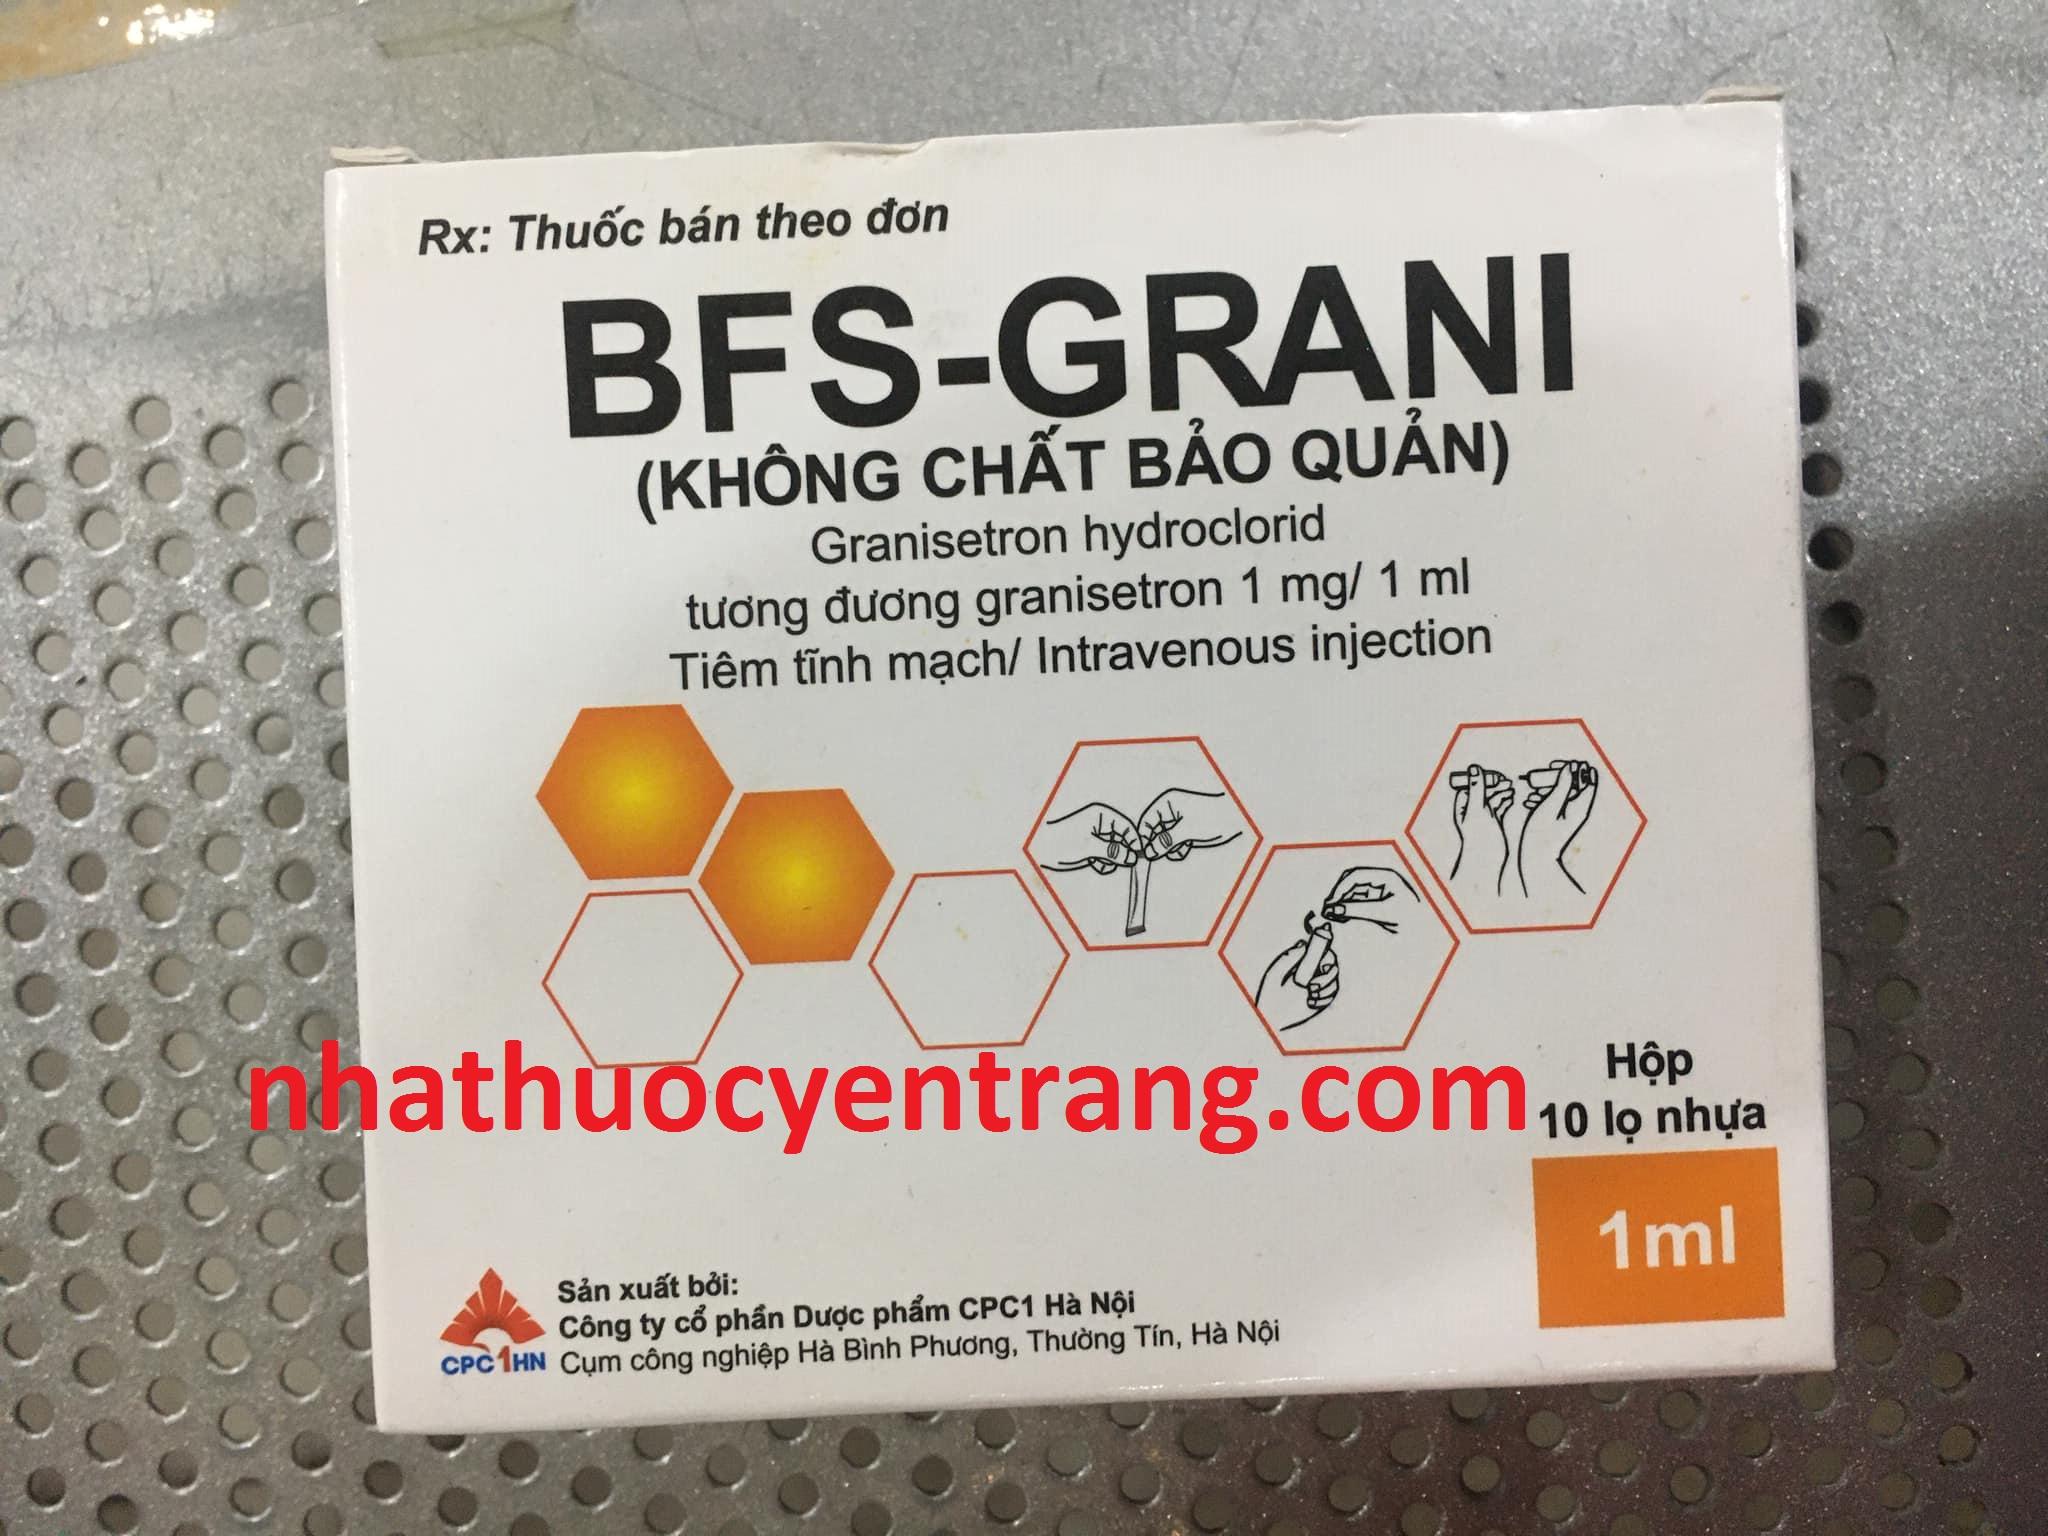 BFS Grani